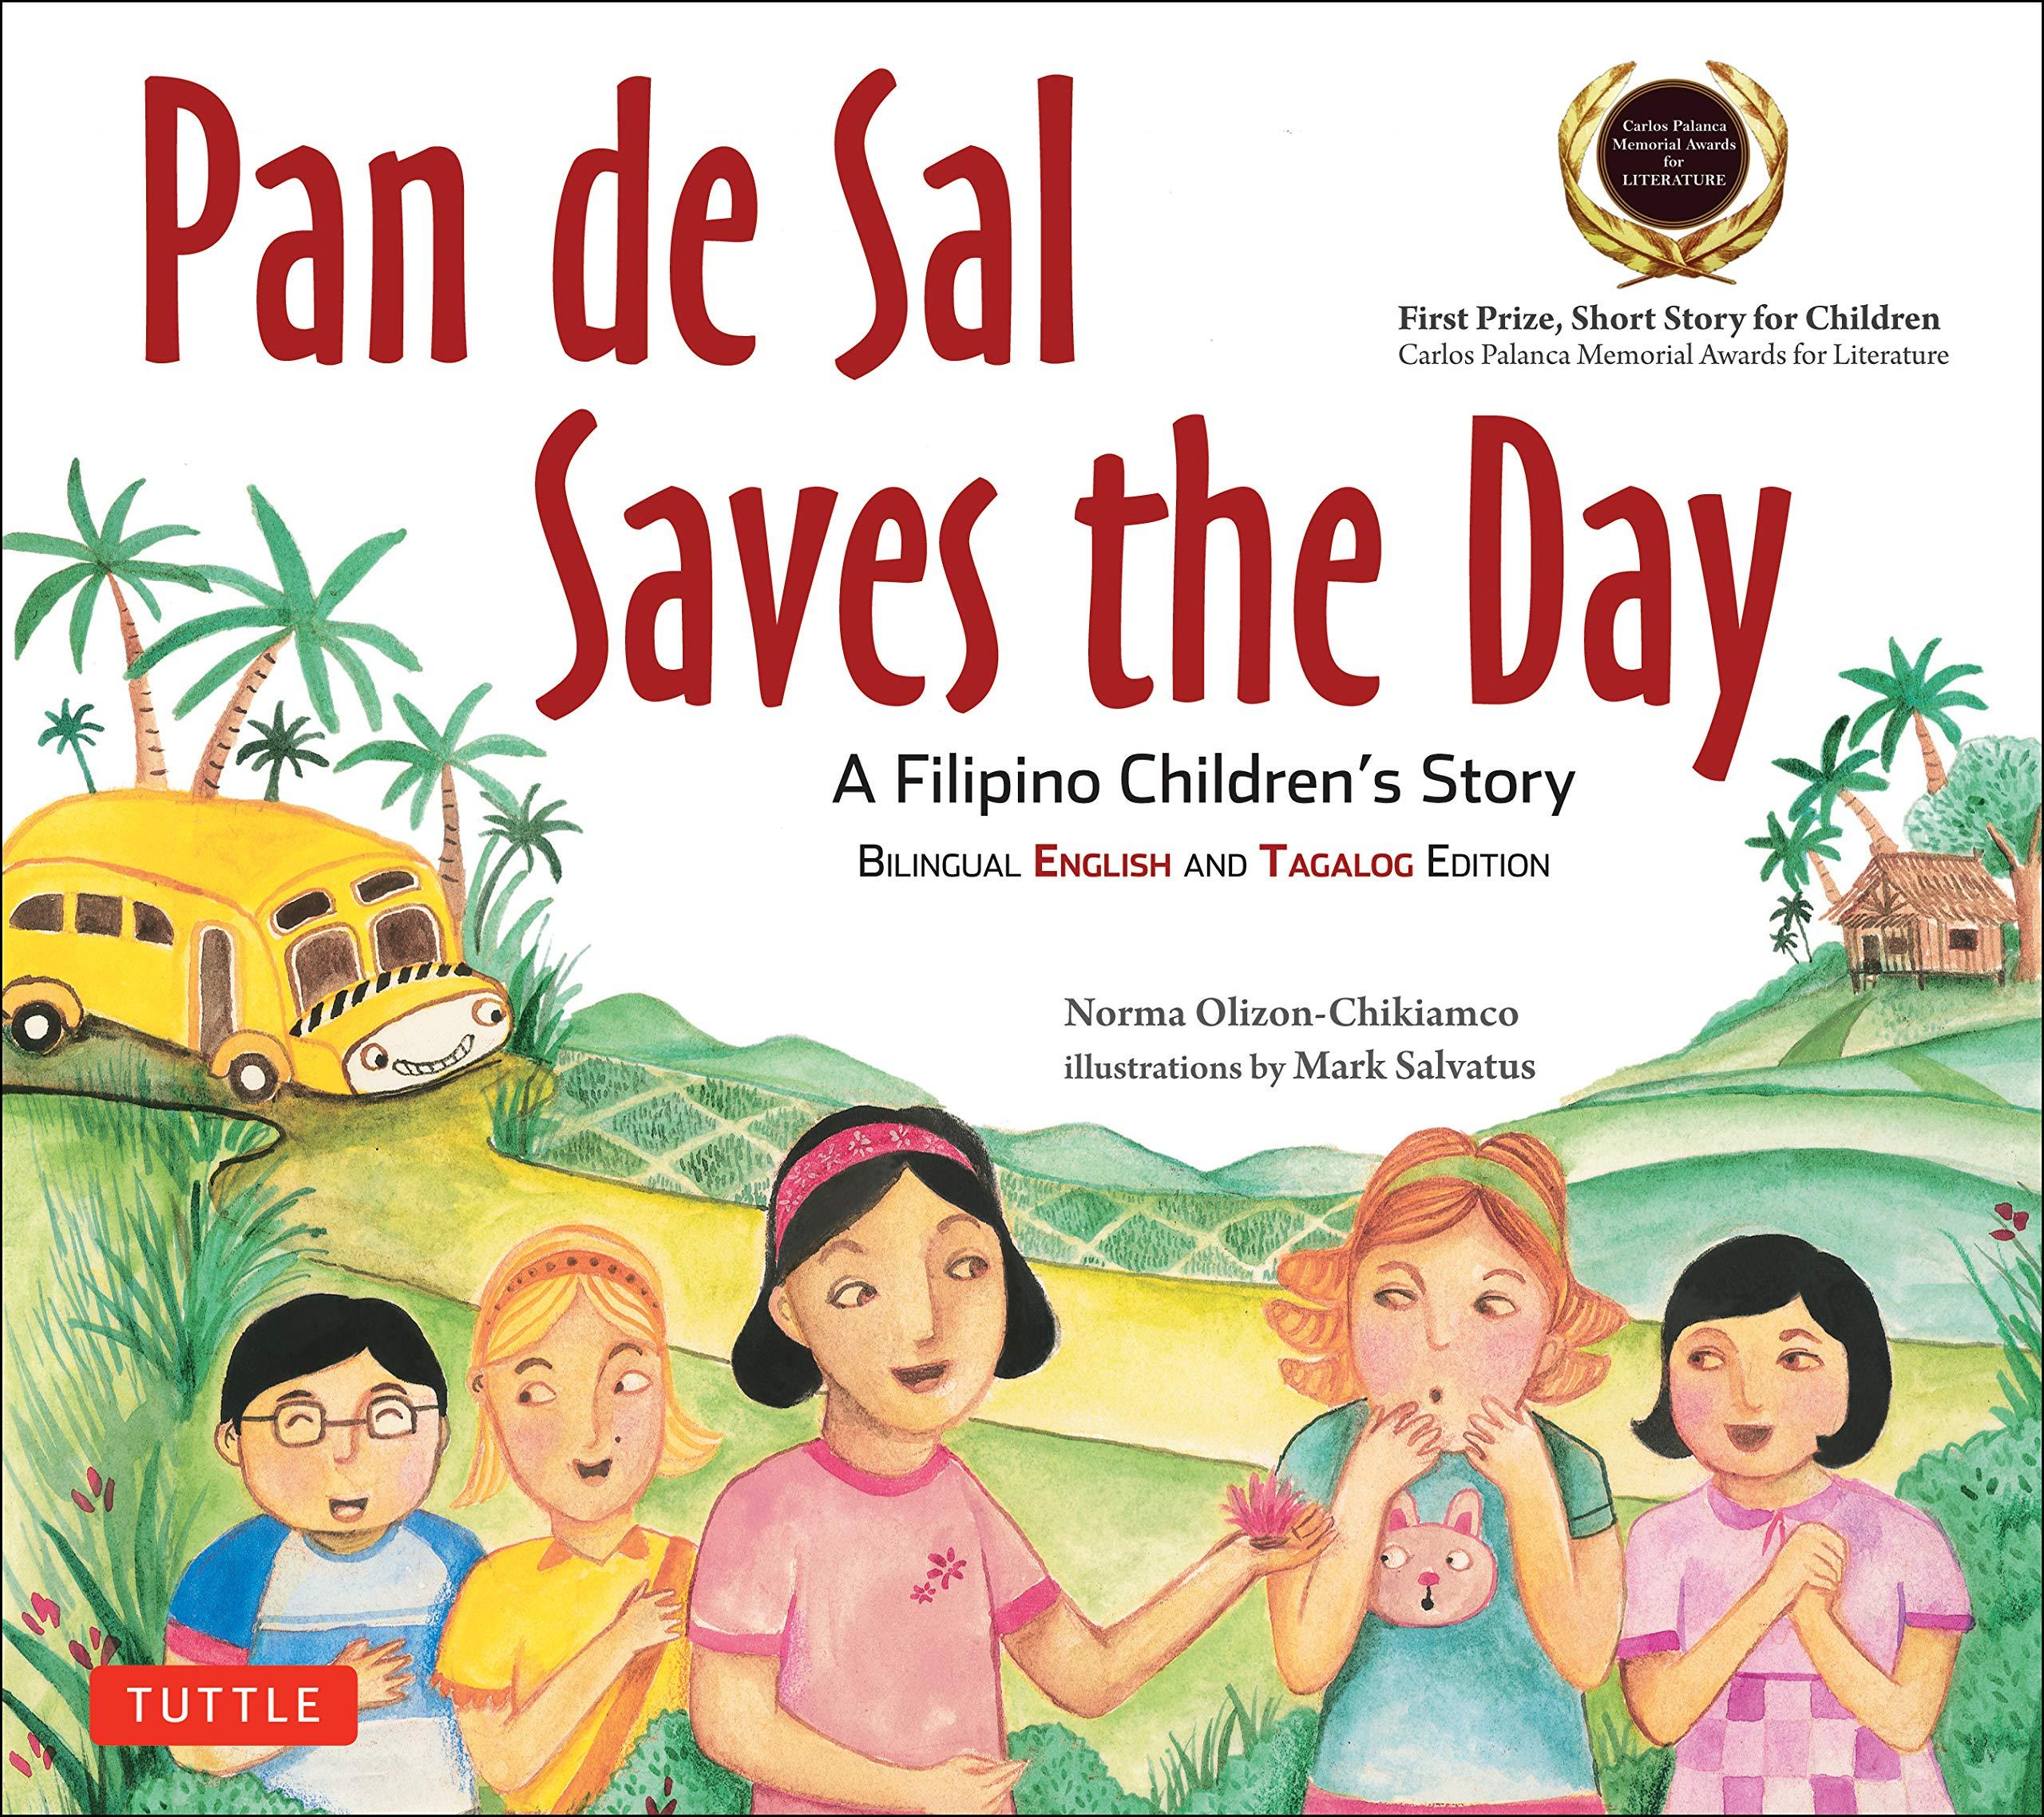 Pan de Sal Saves the Day: An Award-winning Children's Story